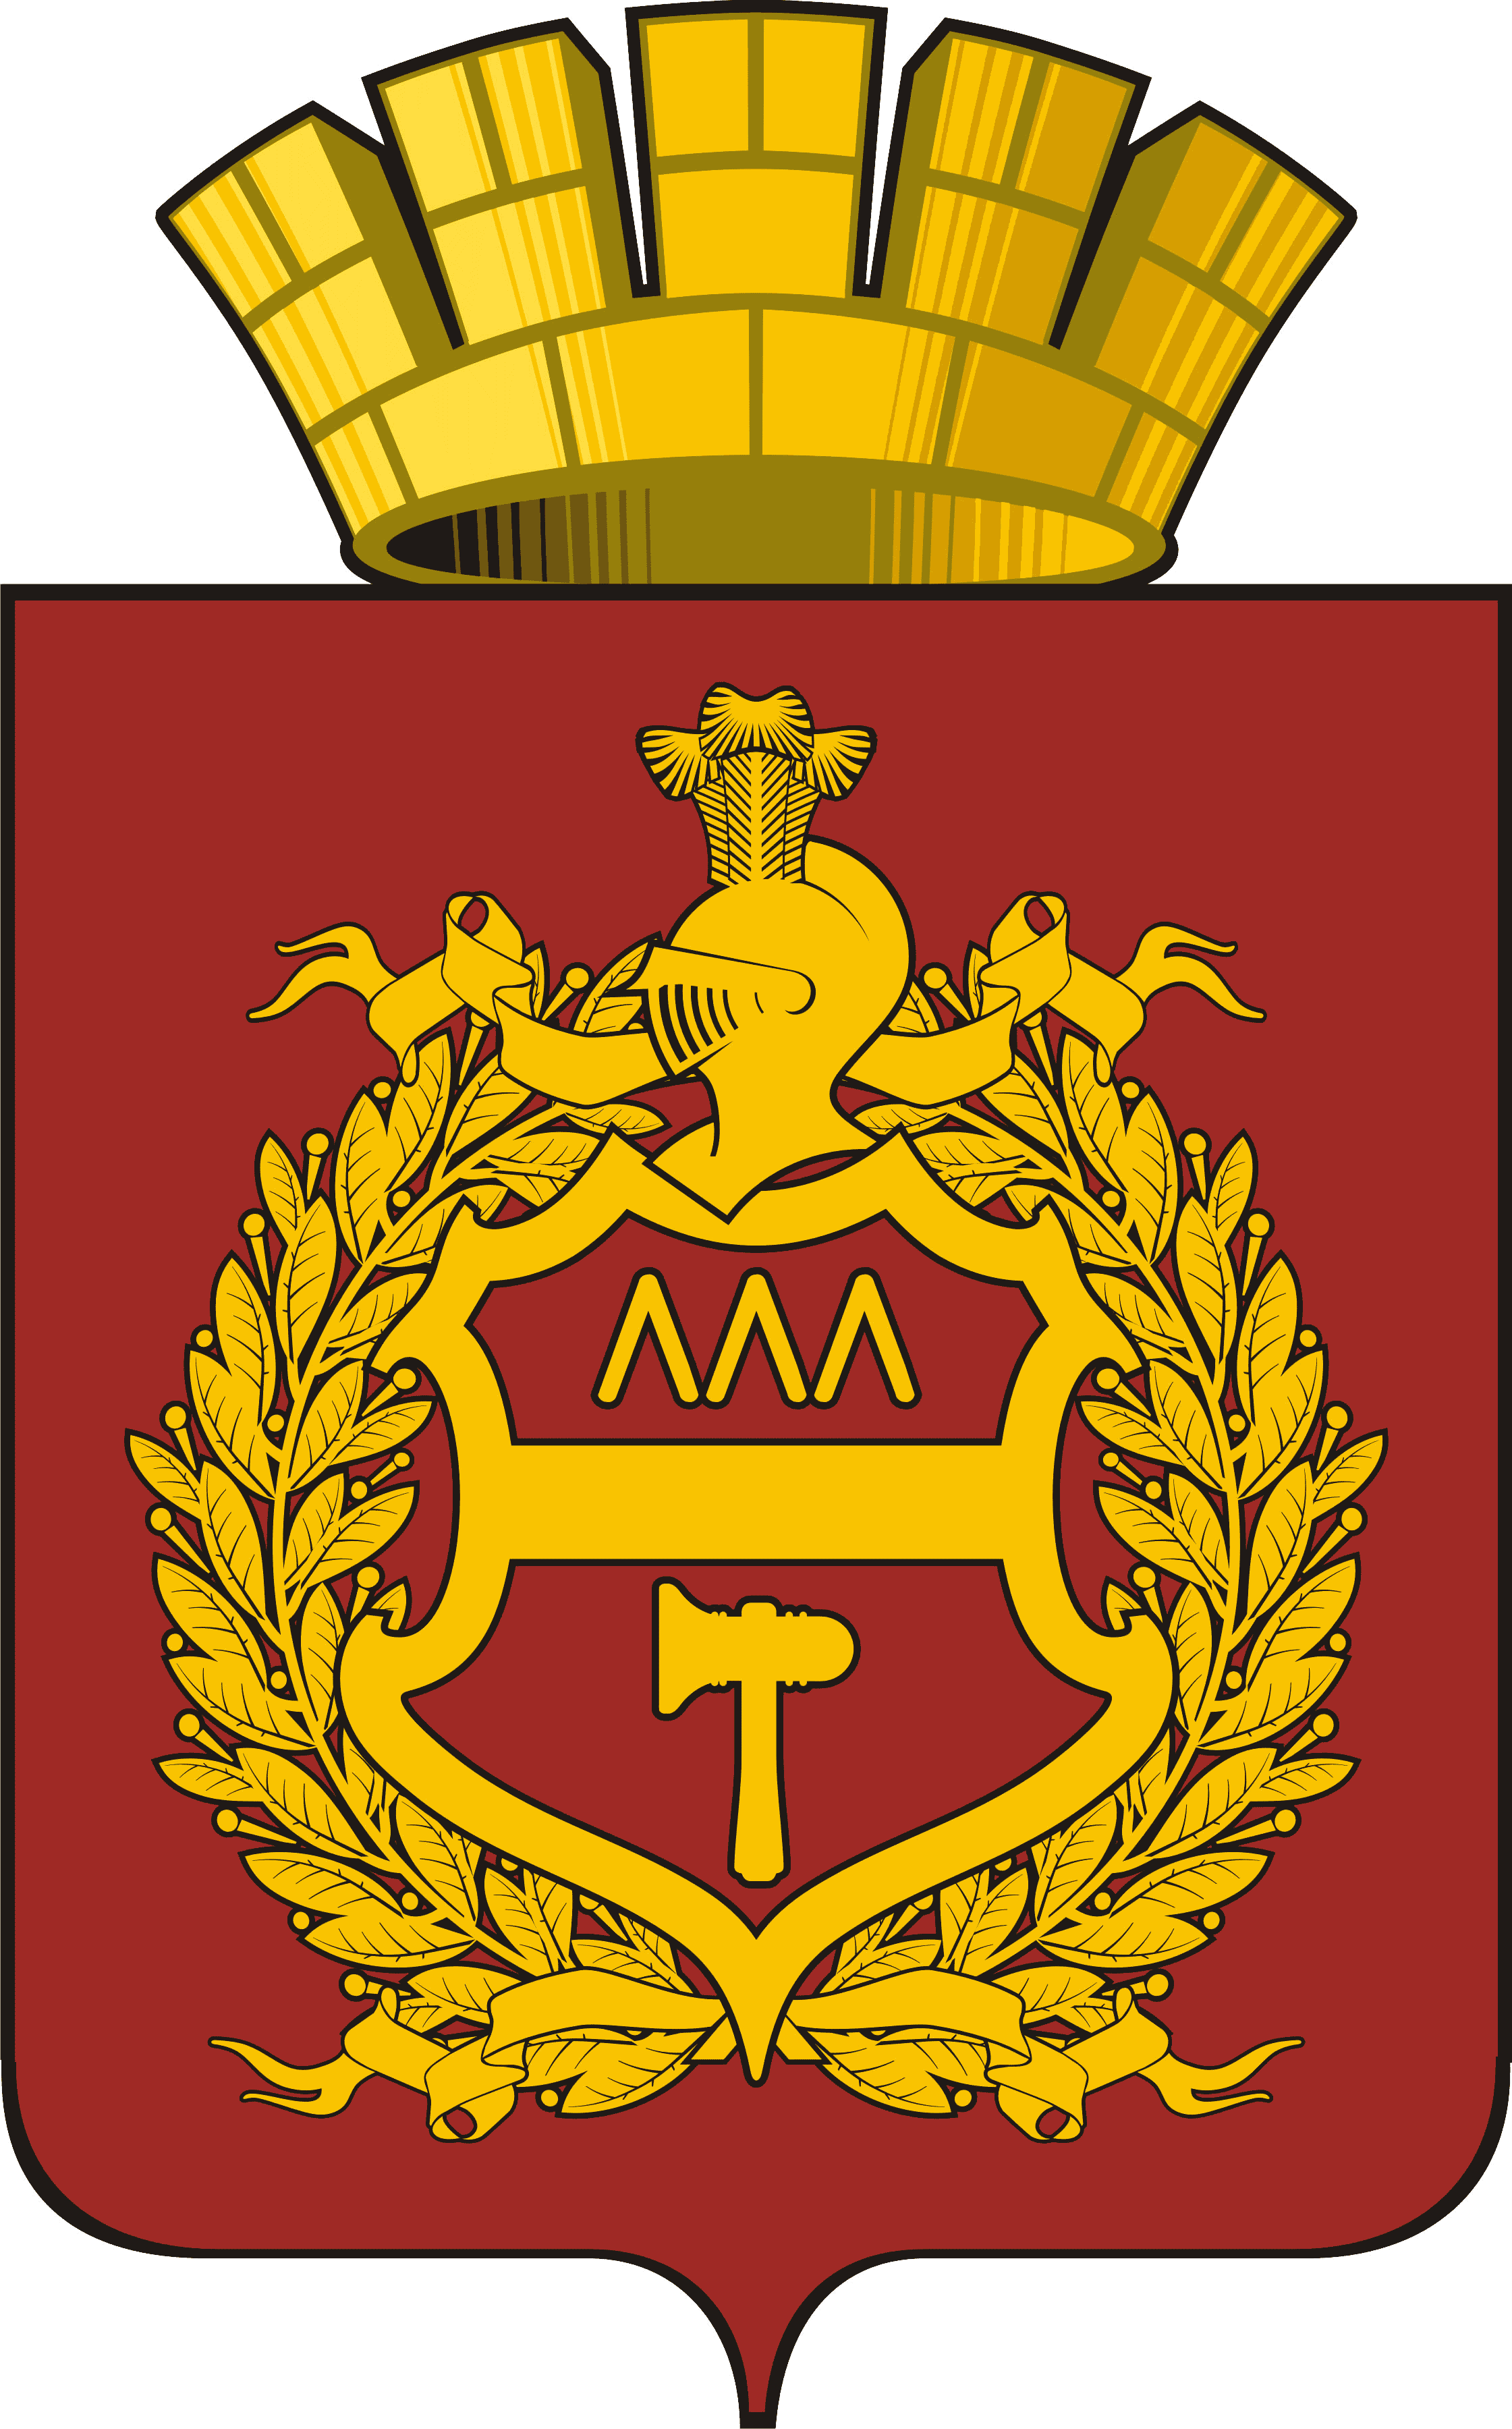 Лежак Доктора Редокс «Колючий» в Нижнем Тагиле (Свердловская область)